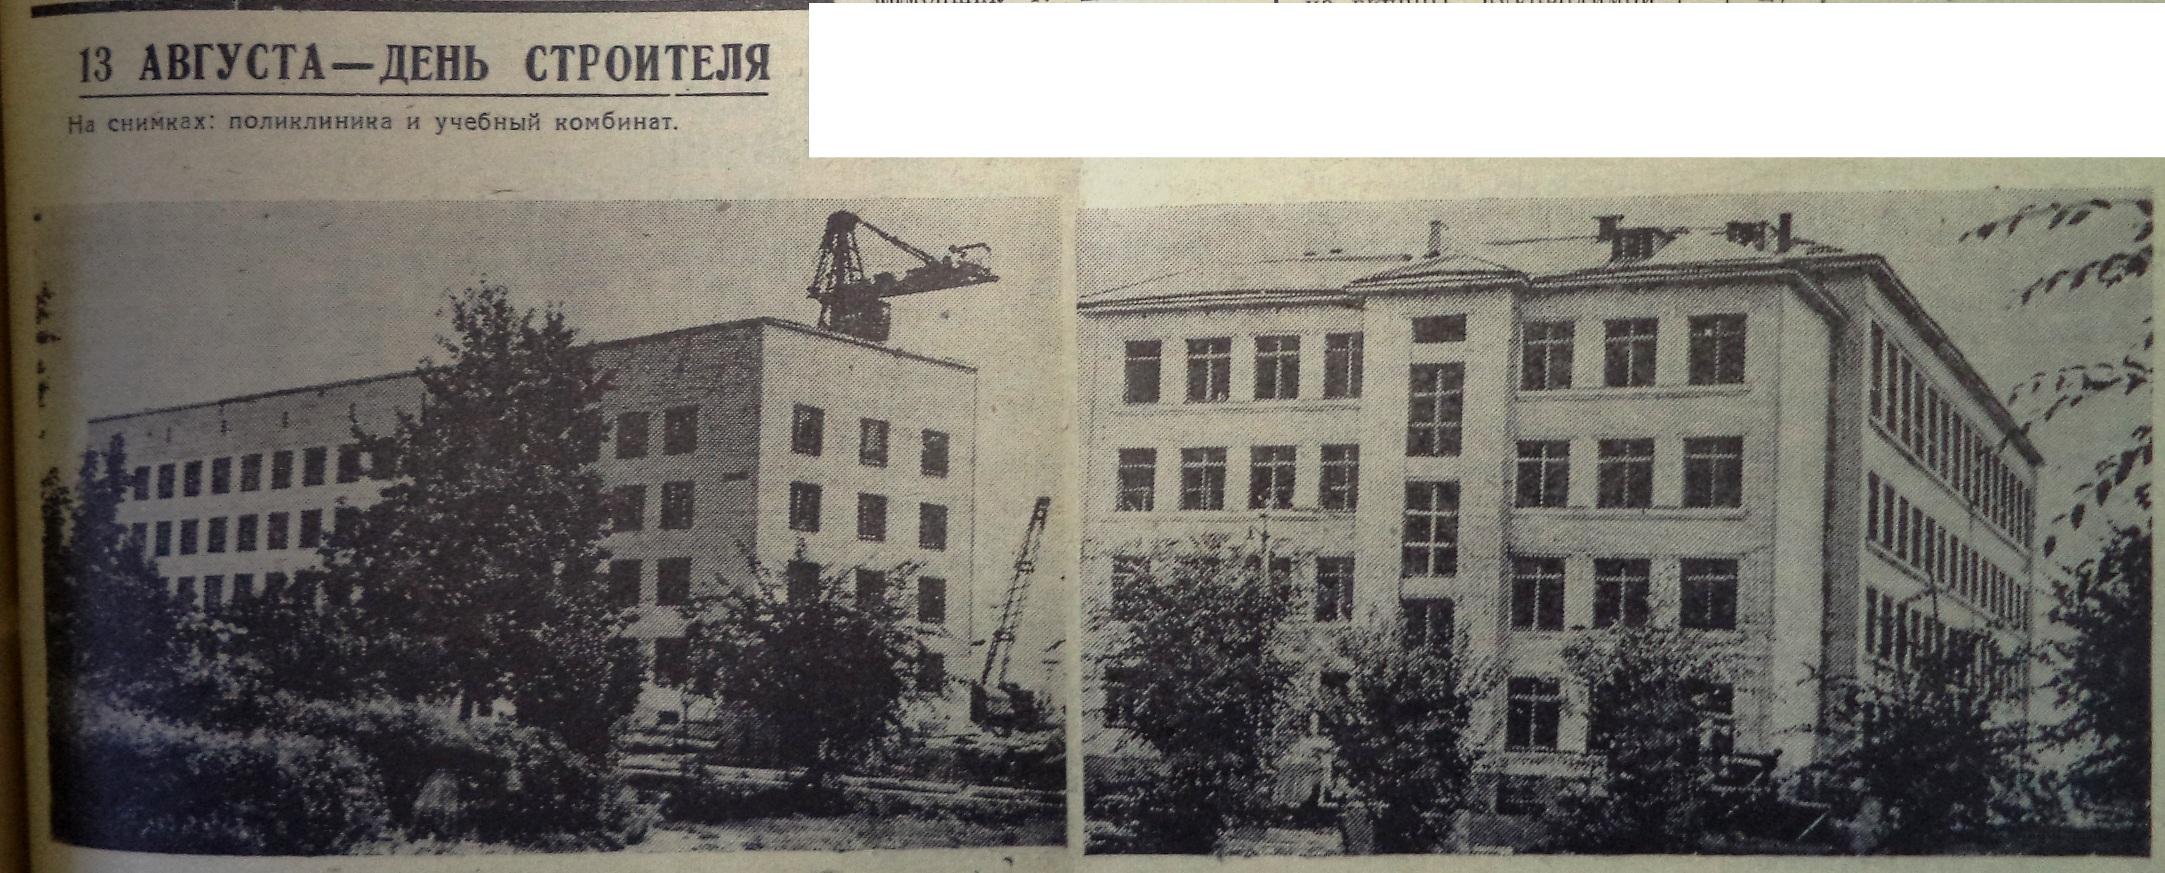 Земеца-ФОТО-12-За ударные темпы-1967-11 августа-3